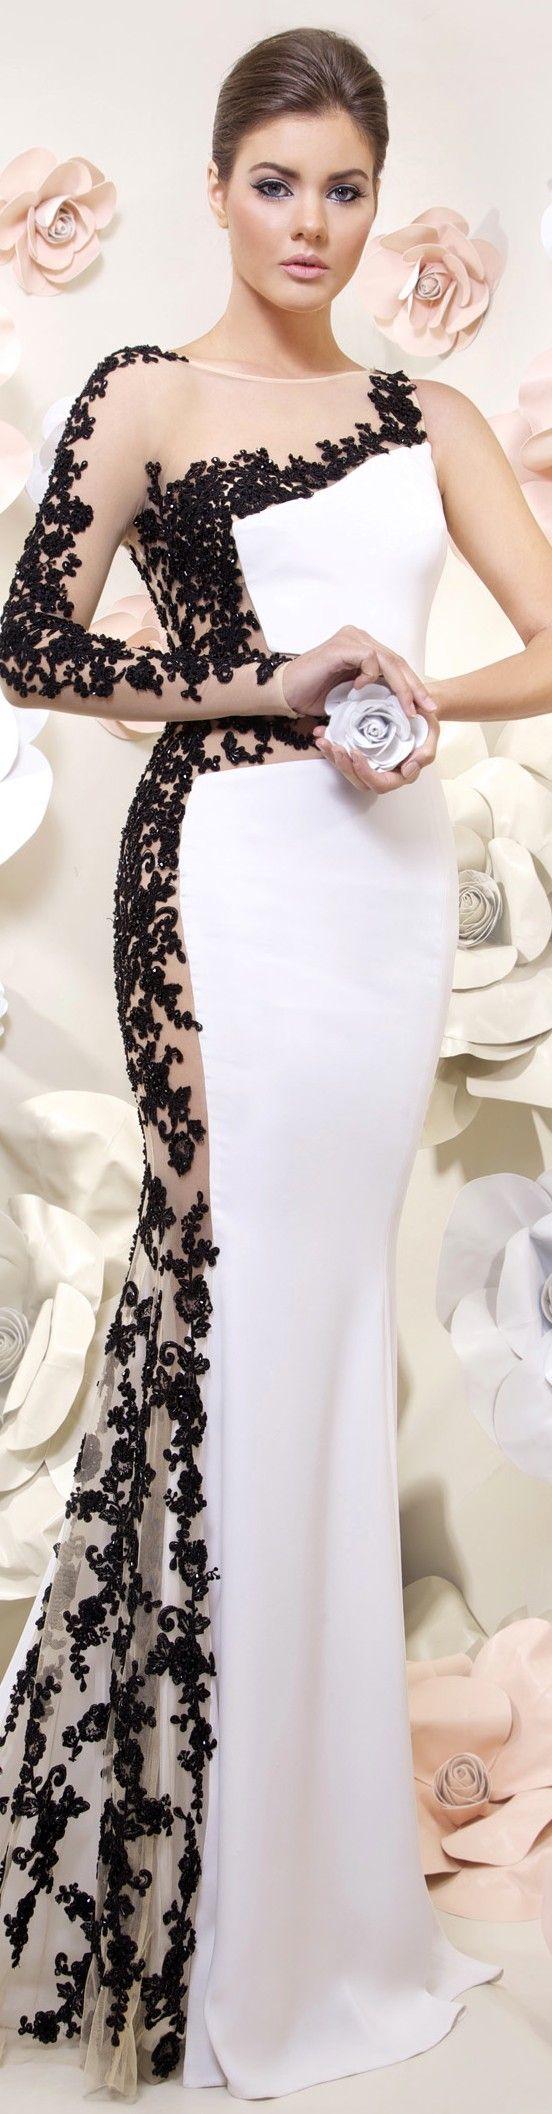 3394ac9c43a Платье простое вечернее. Выбираем безупречные вечерние платья в пол